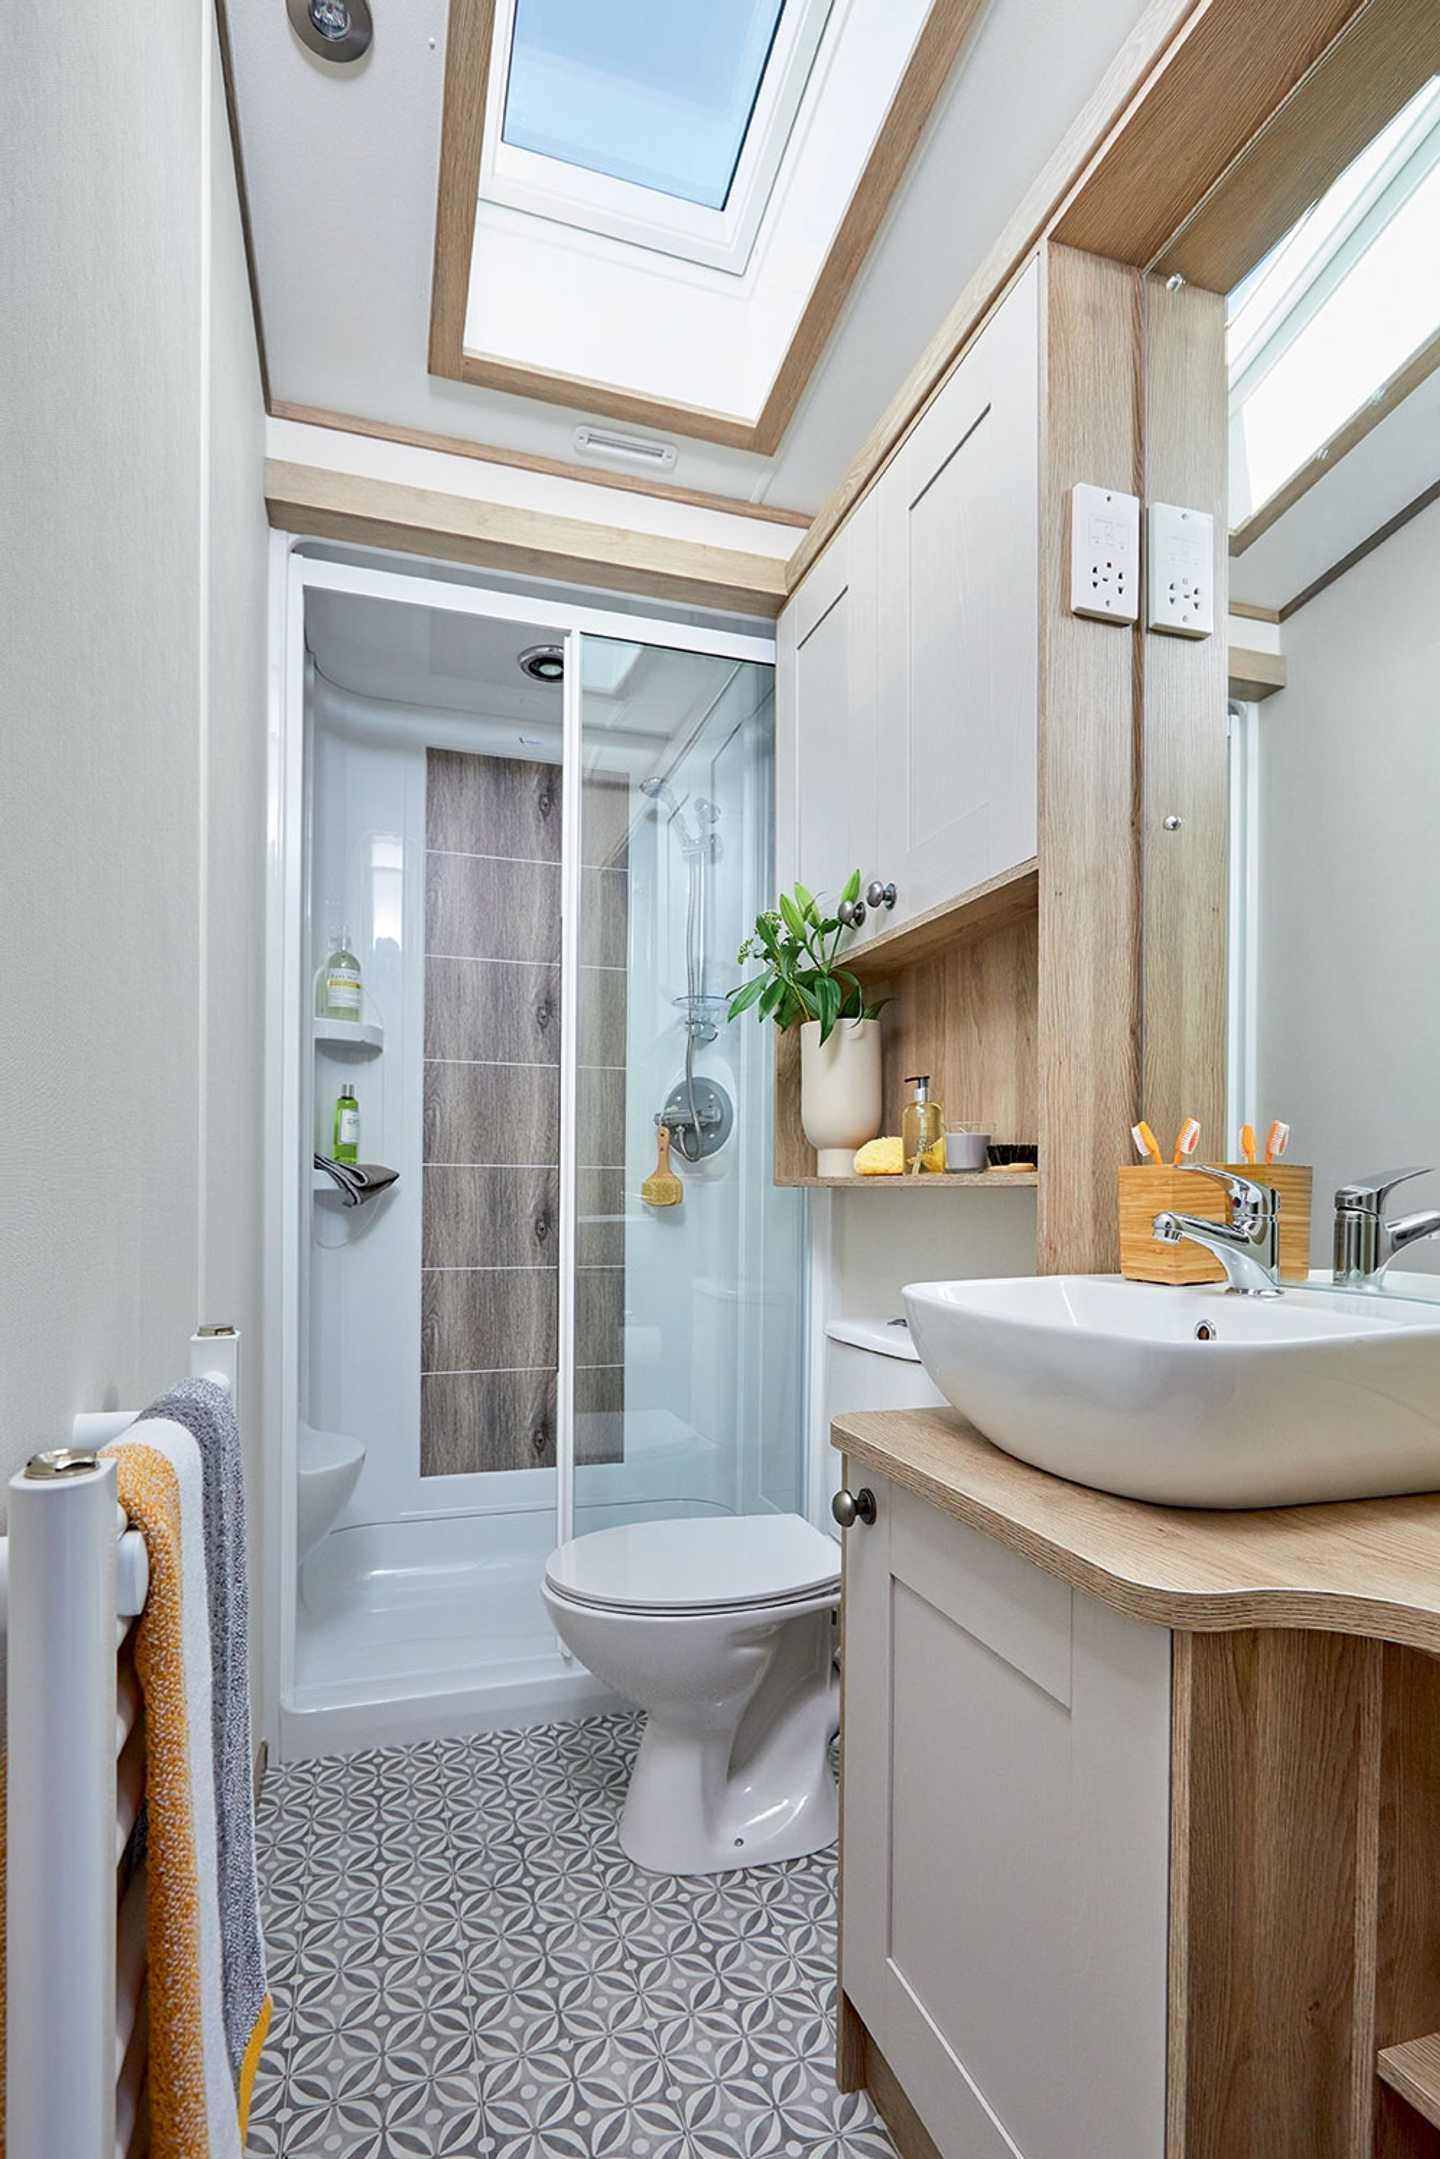 ABI Ambleside Premier bathroom